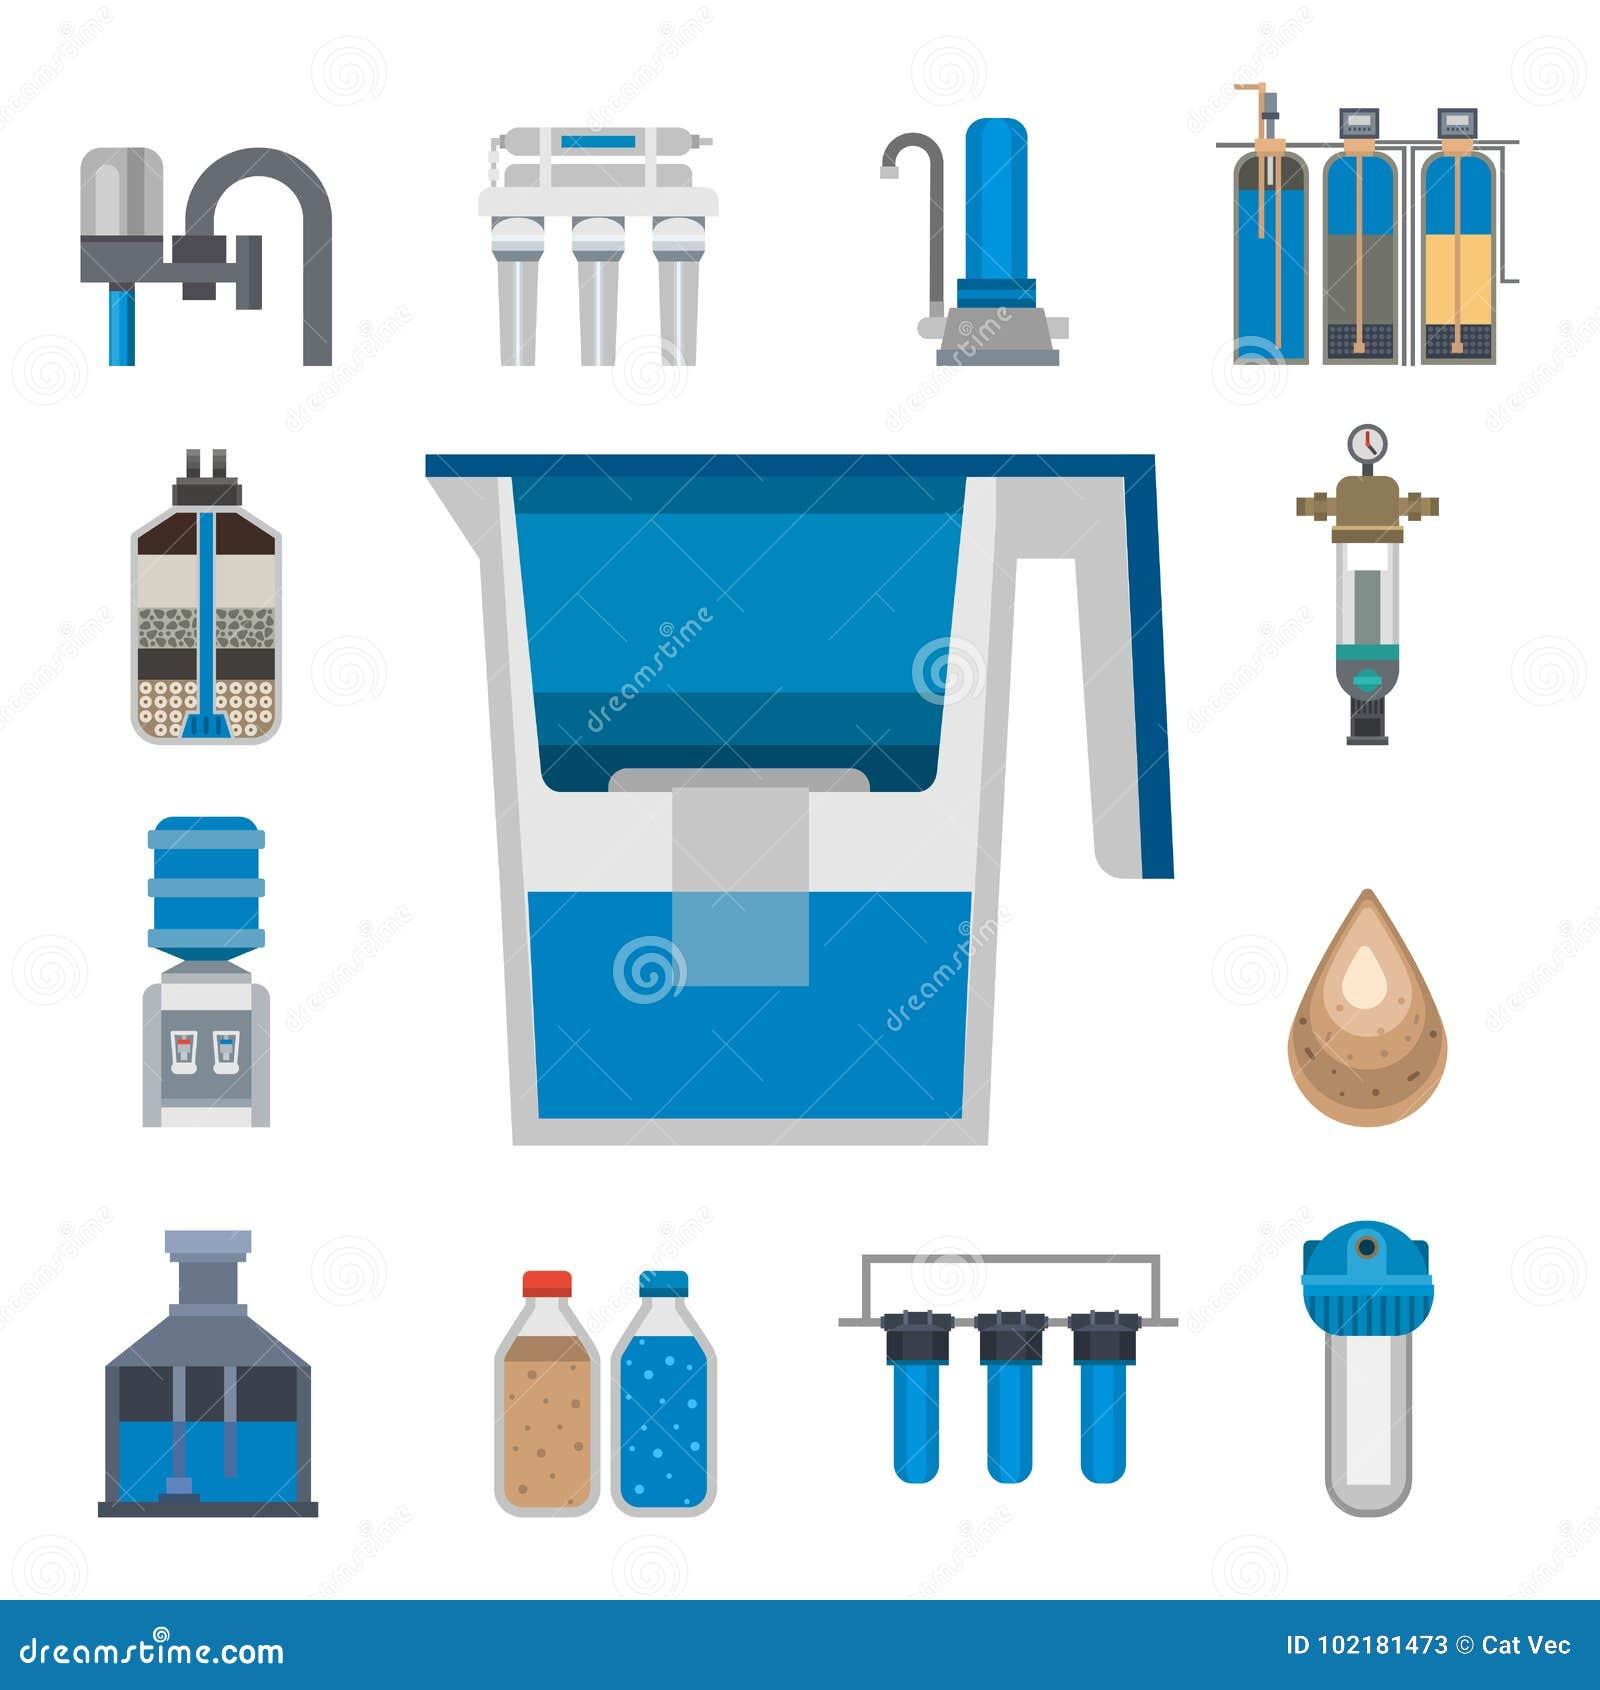 Νερού καθαρισμού εικονιδίων διανυσματική απεικόνιση συλλογής επεξεργασίας  αντλιών στροφίγγων φρέσκια ανακύκλωσης astewater b90cd4910f0